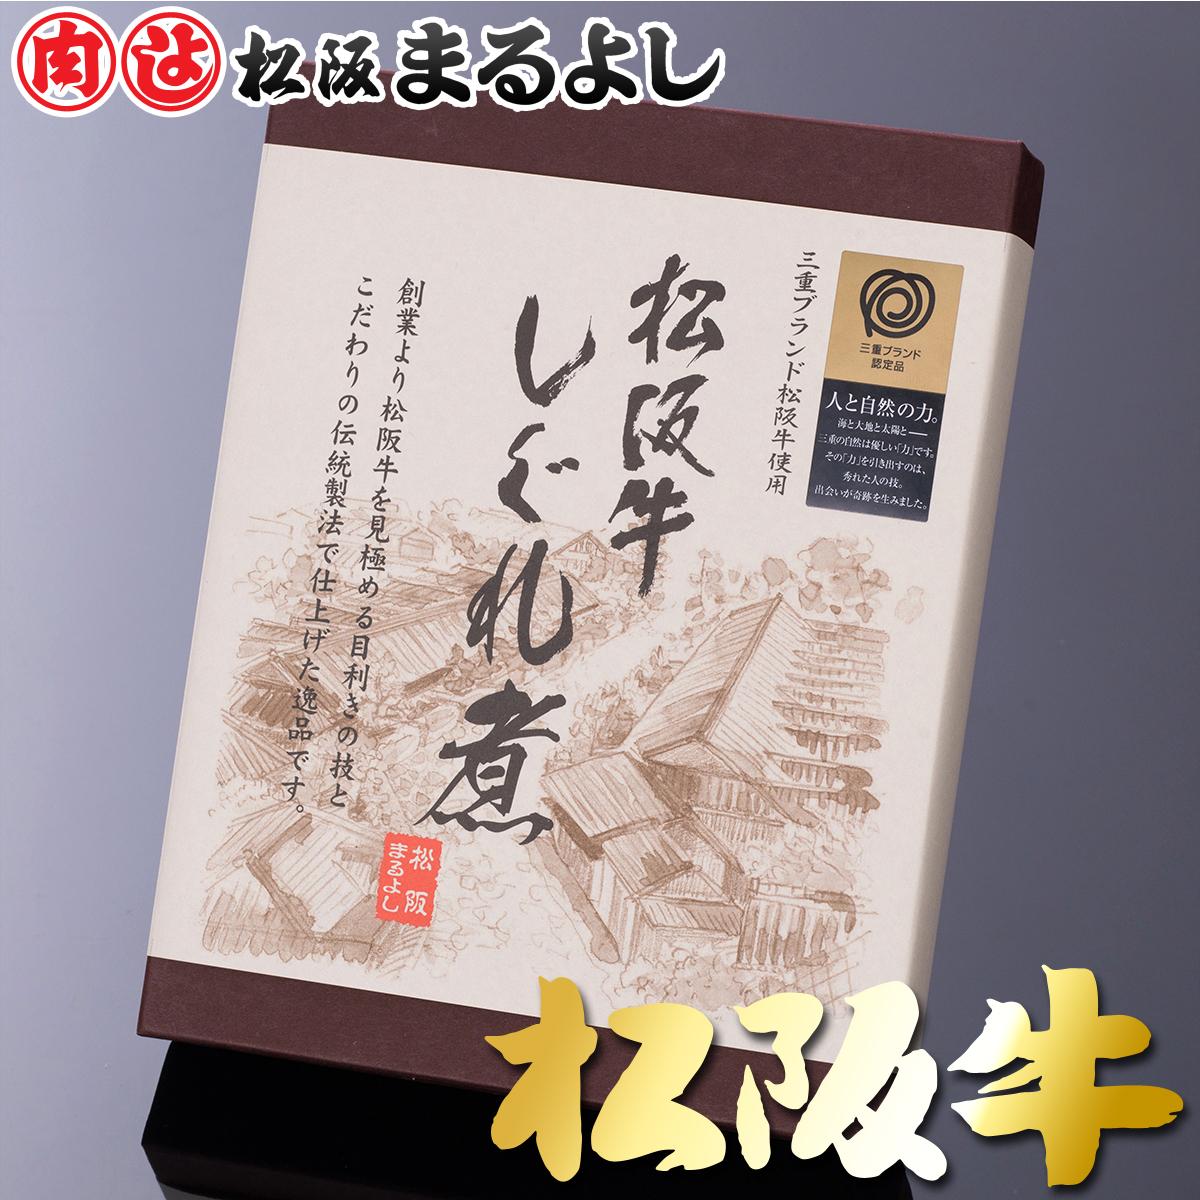 楽天市場】松阪牛 (松坂牛) しぐれ煮 60g松阪牛個体識別番号付き!:松阪